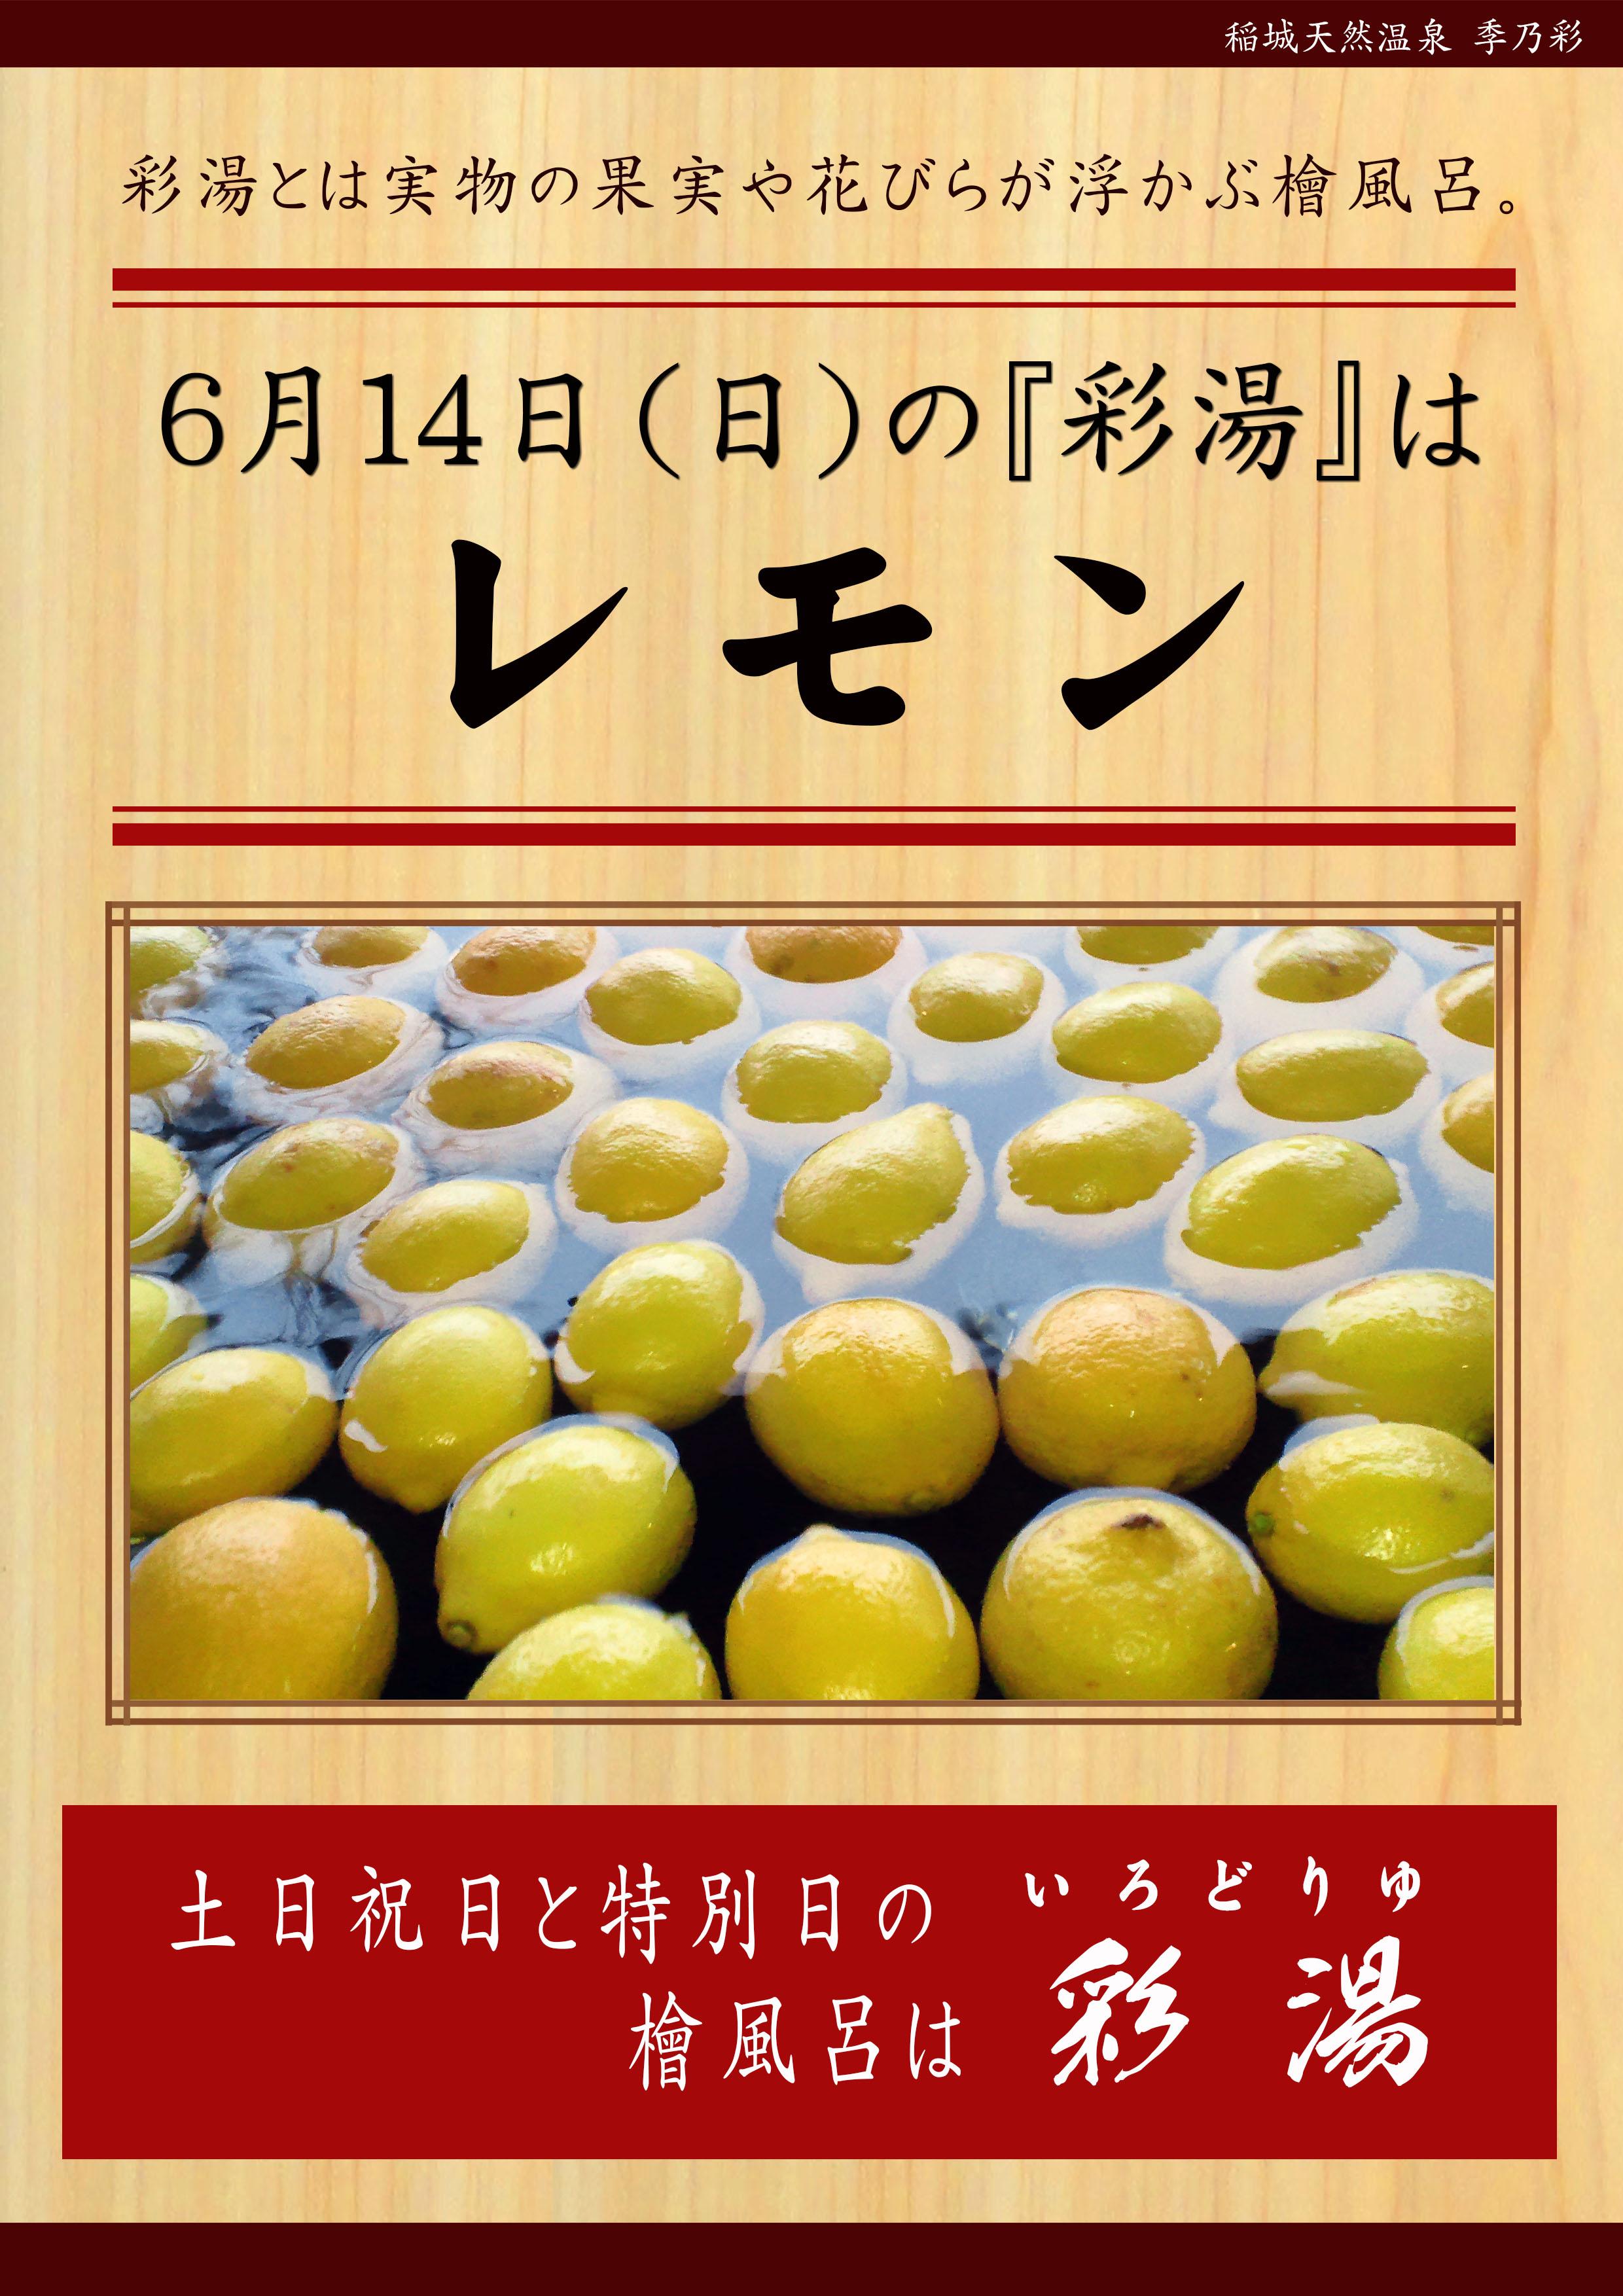 200614 POP イベント 彩湯 レモン